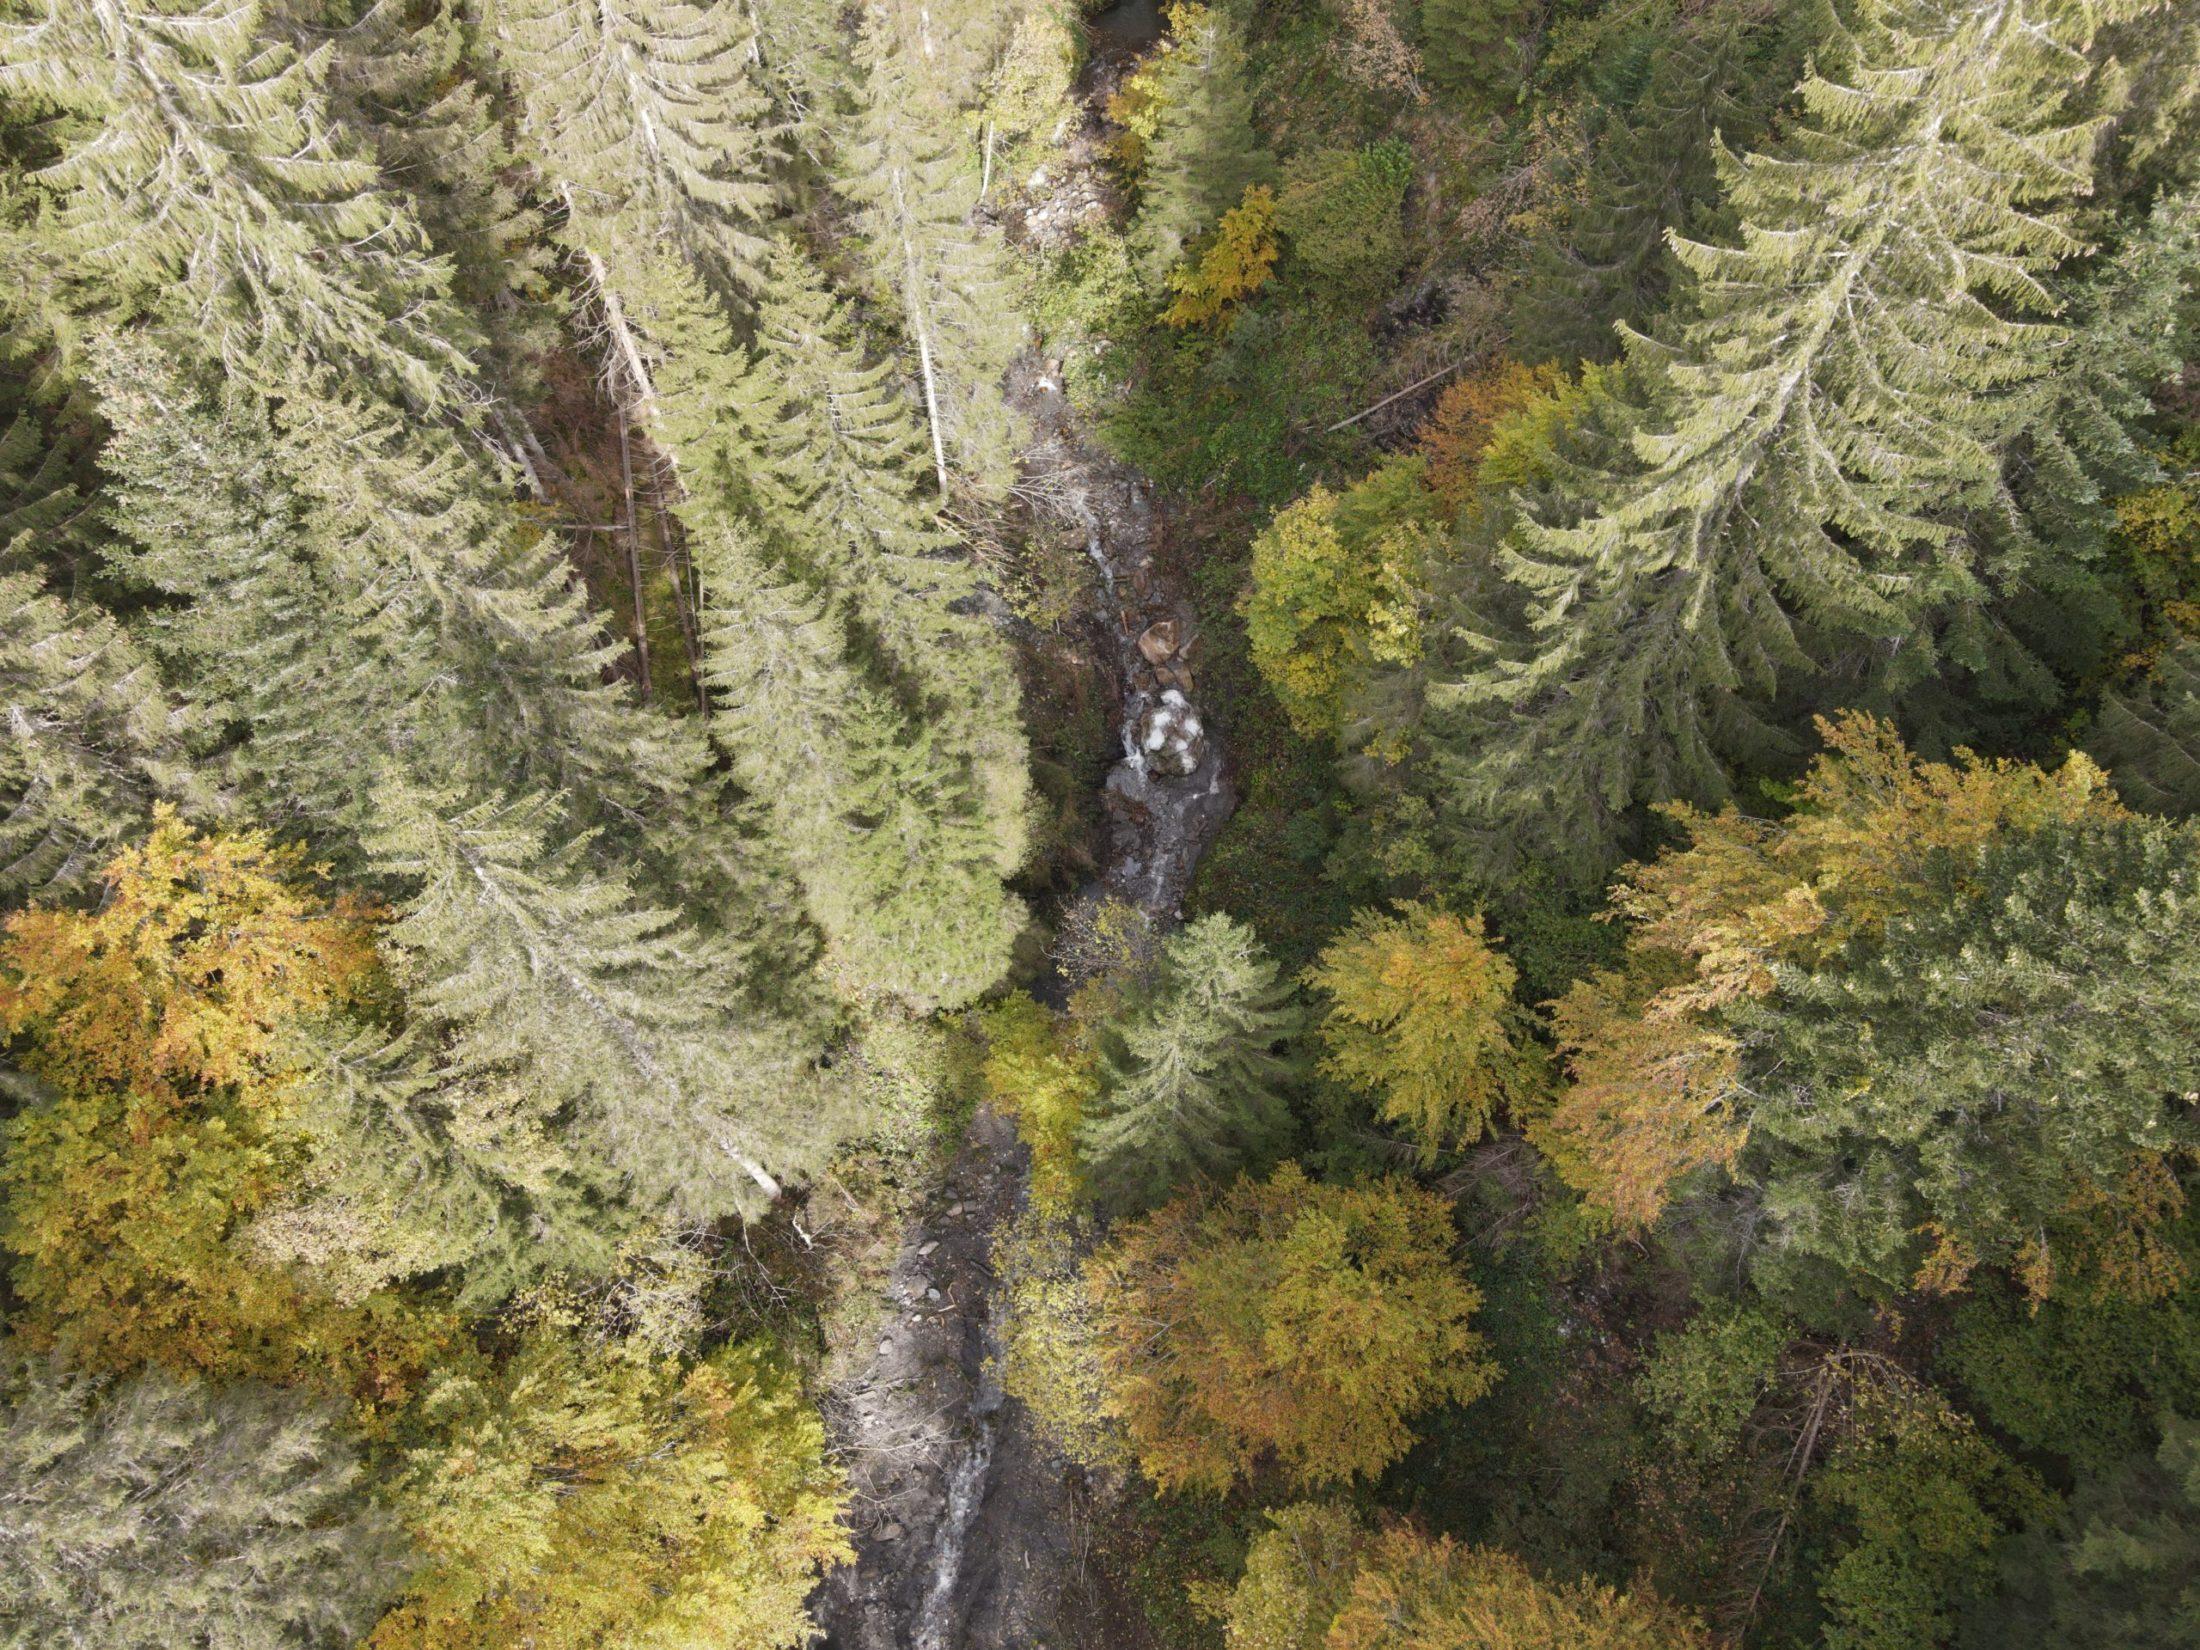 Drohnenaufnahme eines Wildbaches